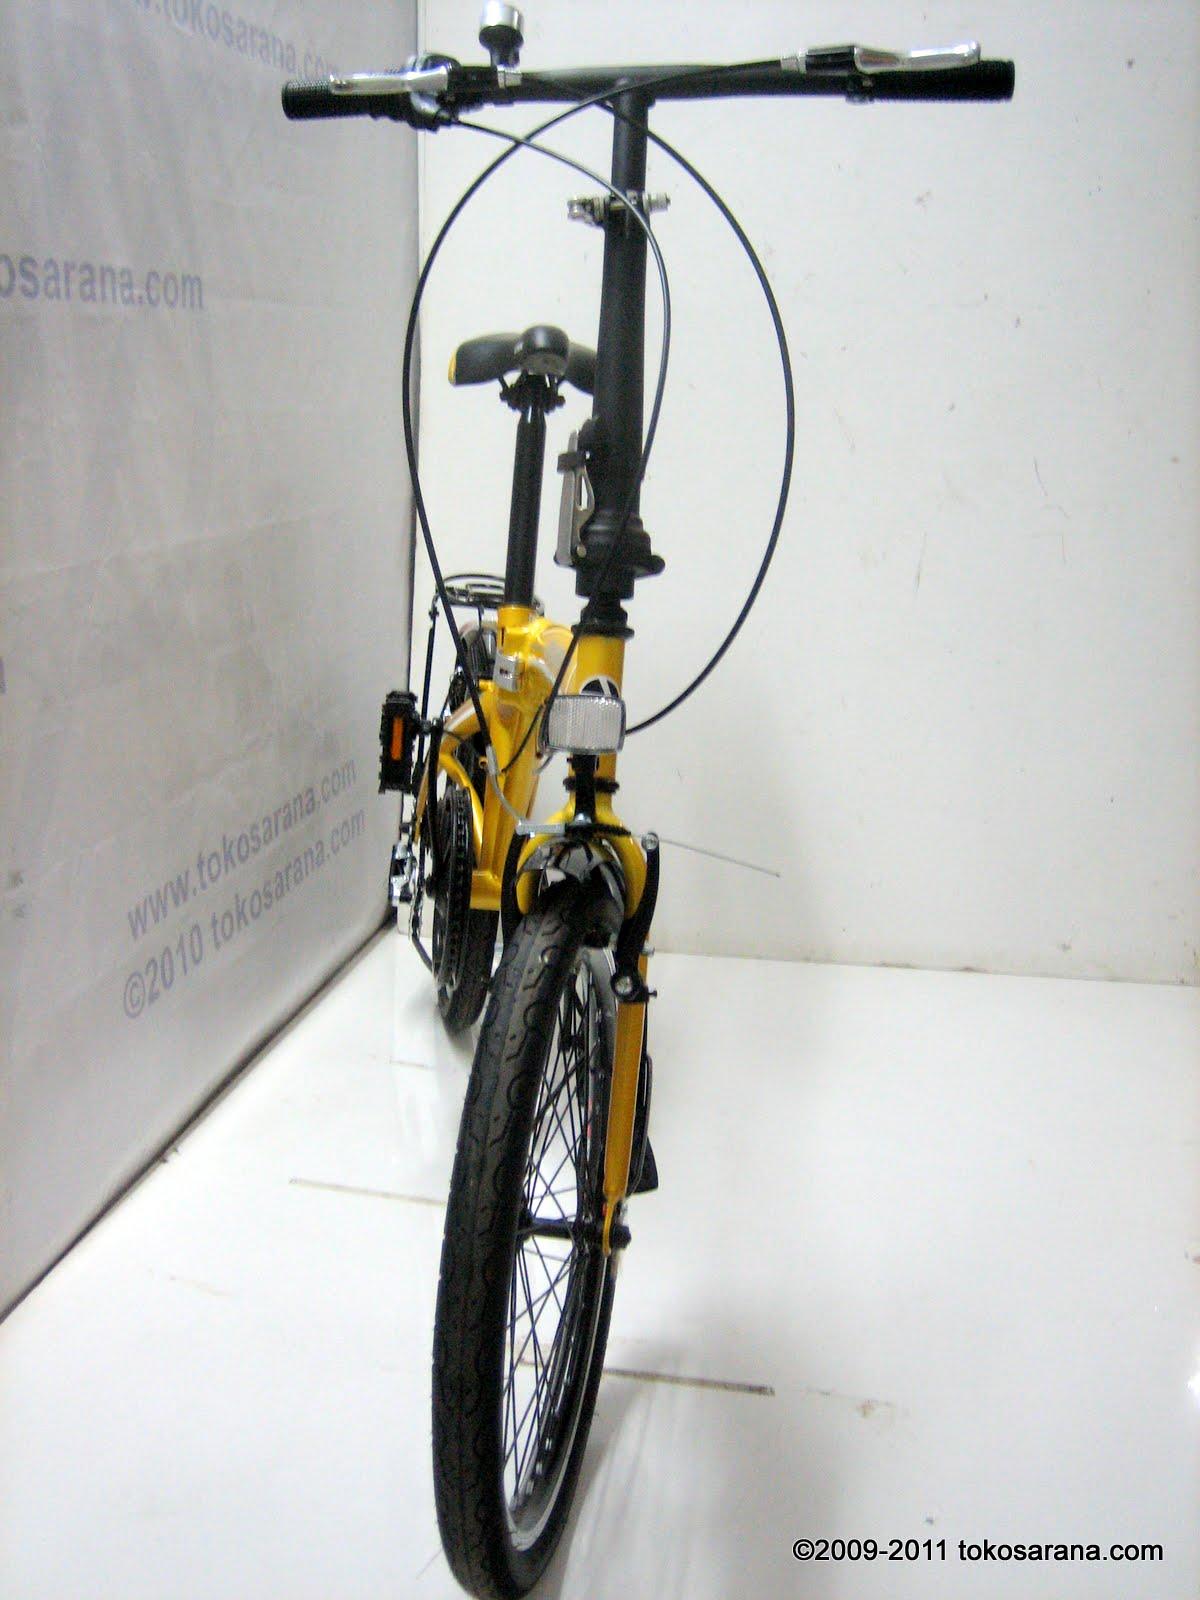 tokosarana™ | Mahasarana Sukses™: Sepeda Lipat Viva Cyele